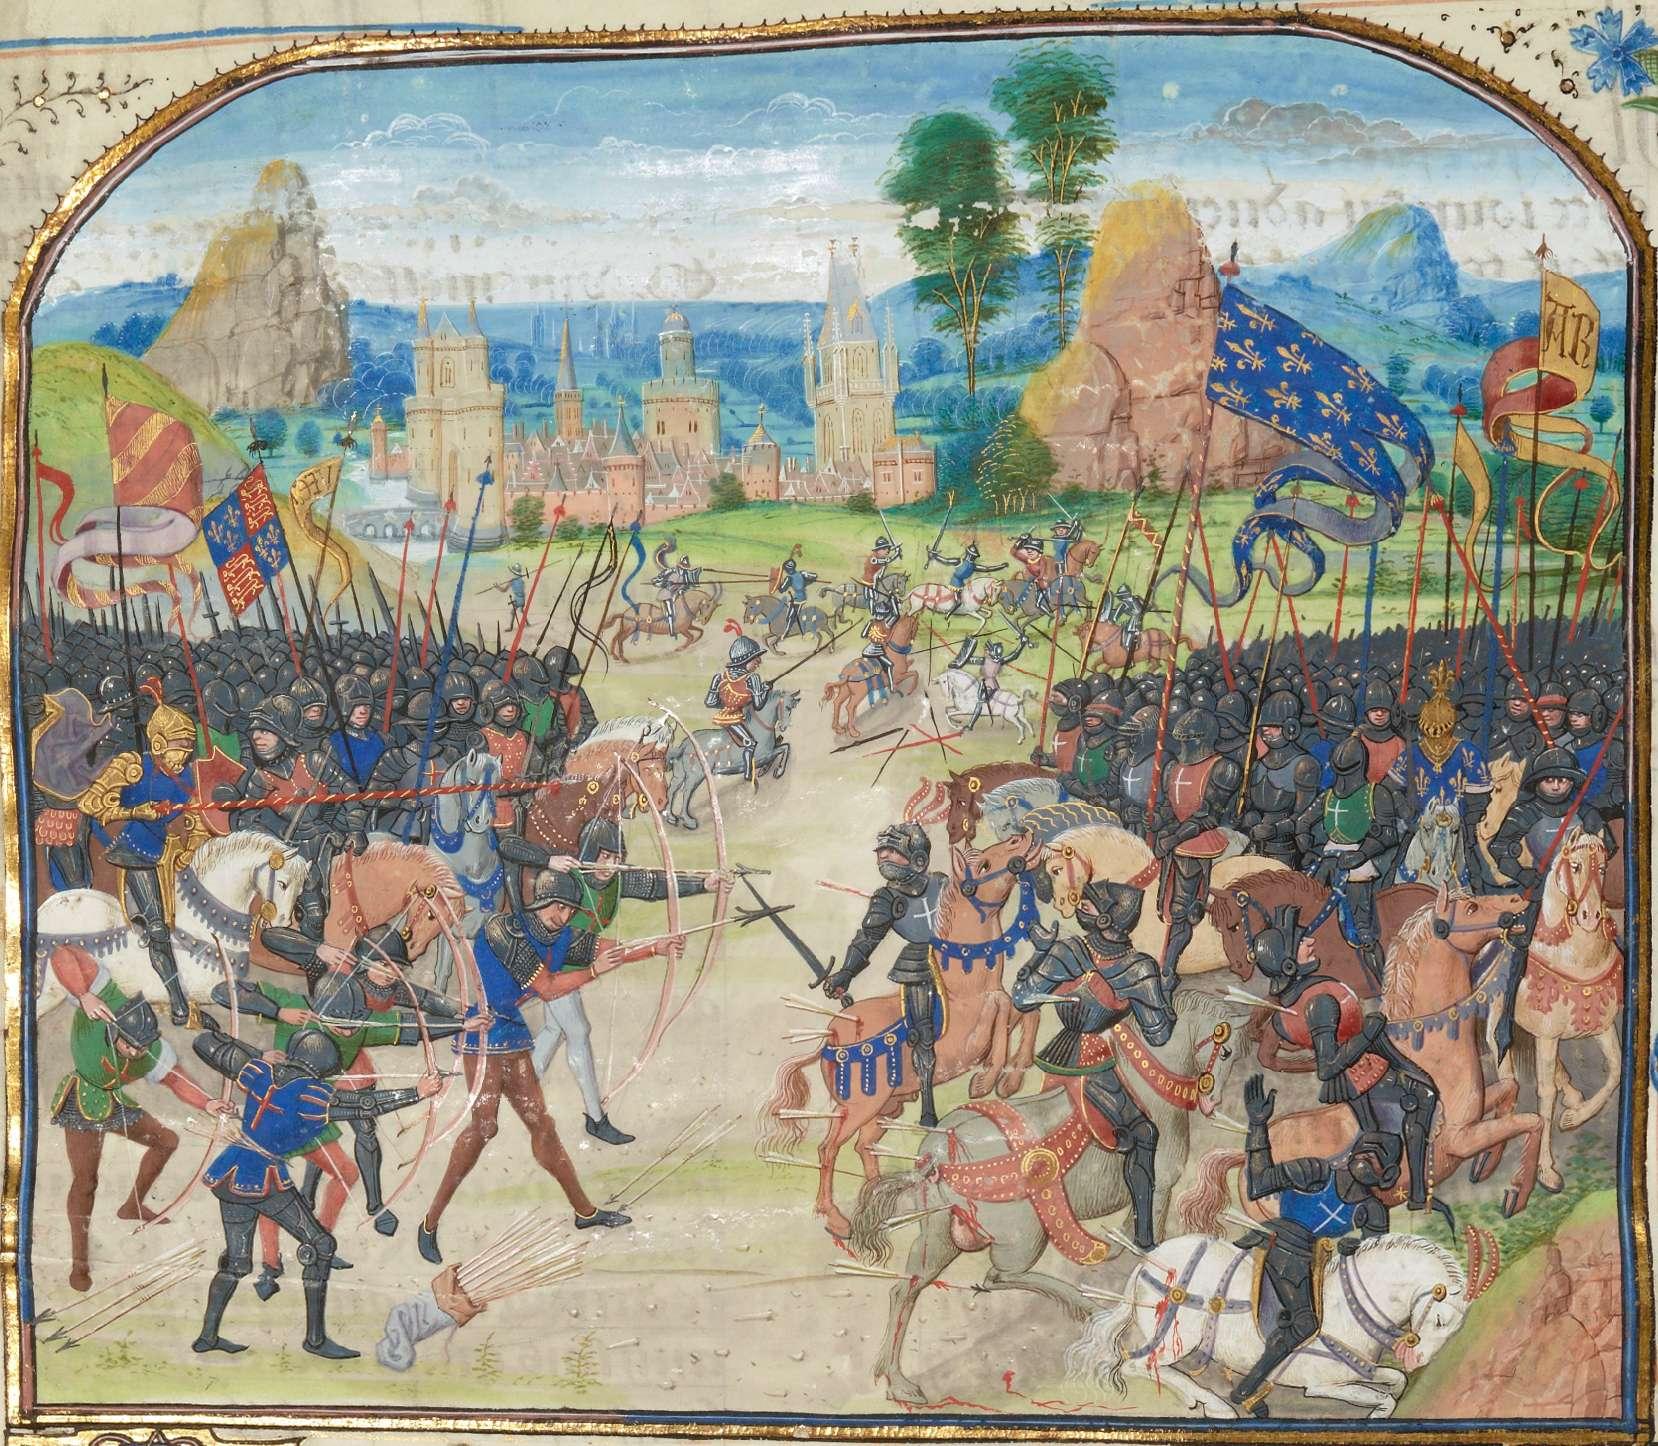 Η μάχη του Πουατιέ (1356). La bataille de Poitiers, Chroniques de Froissart